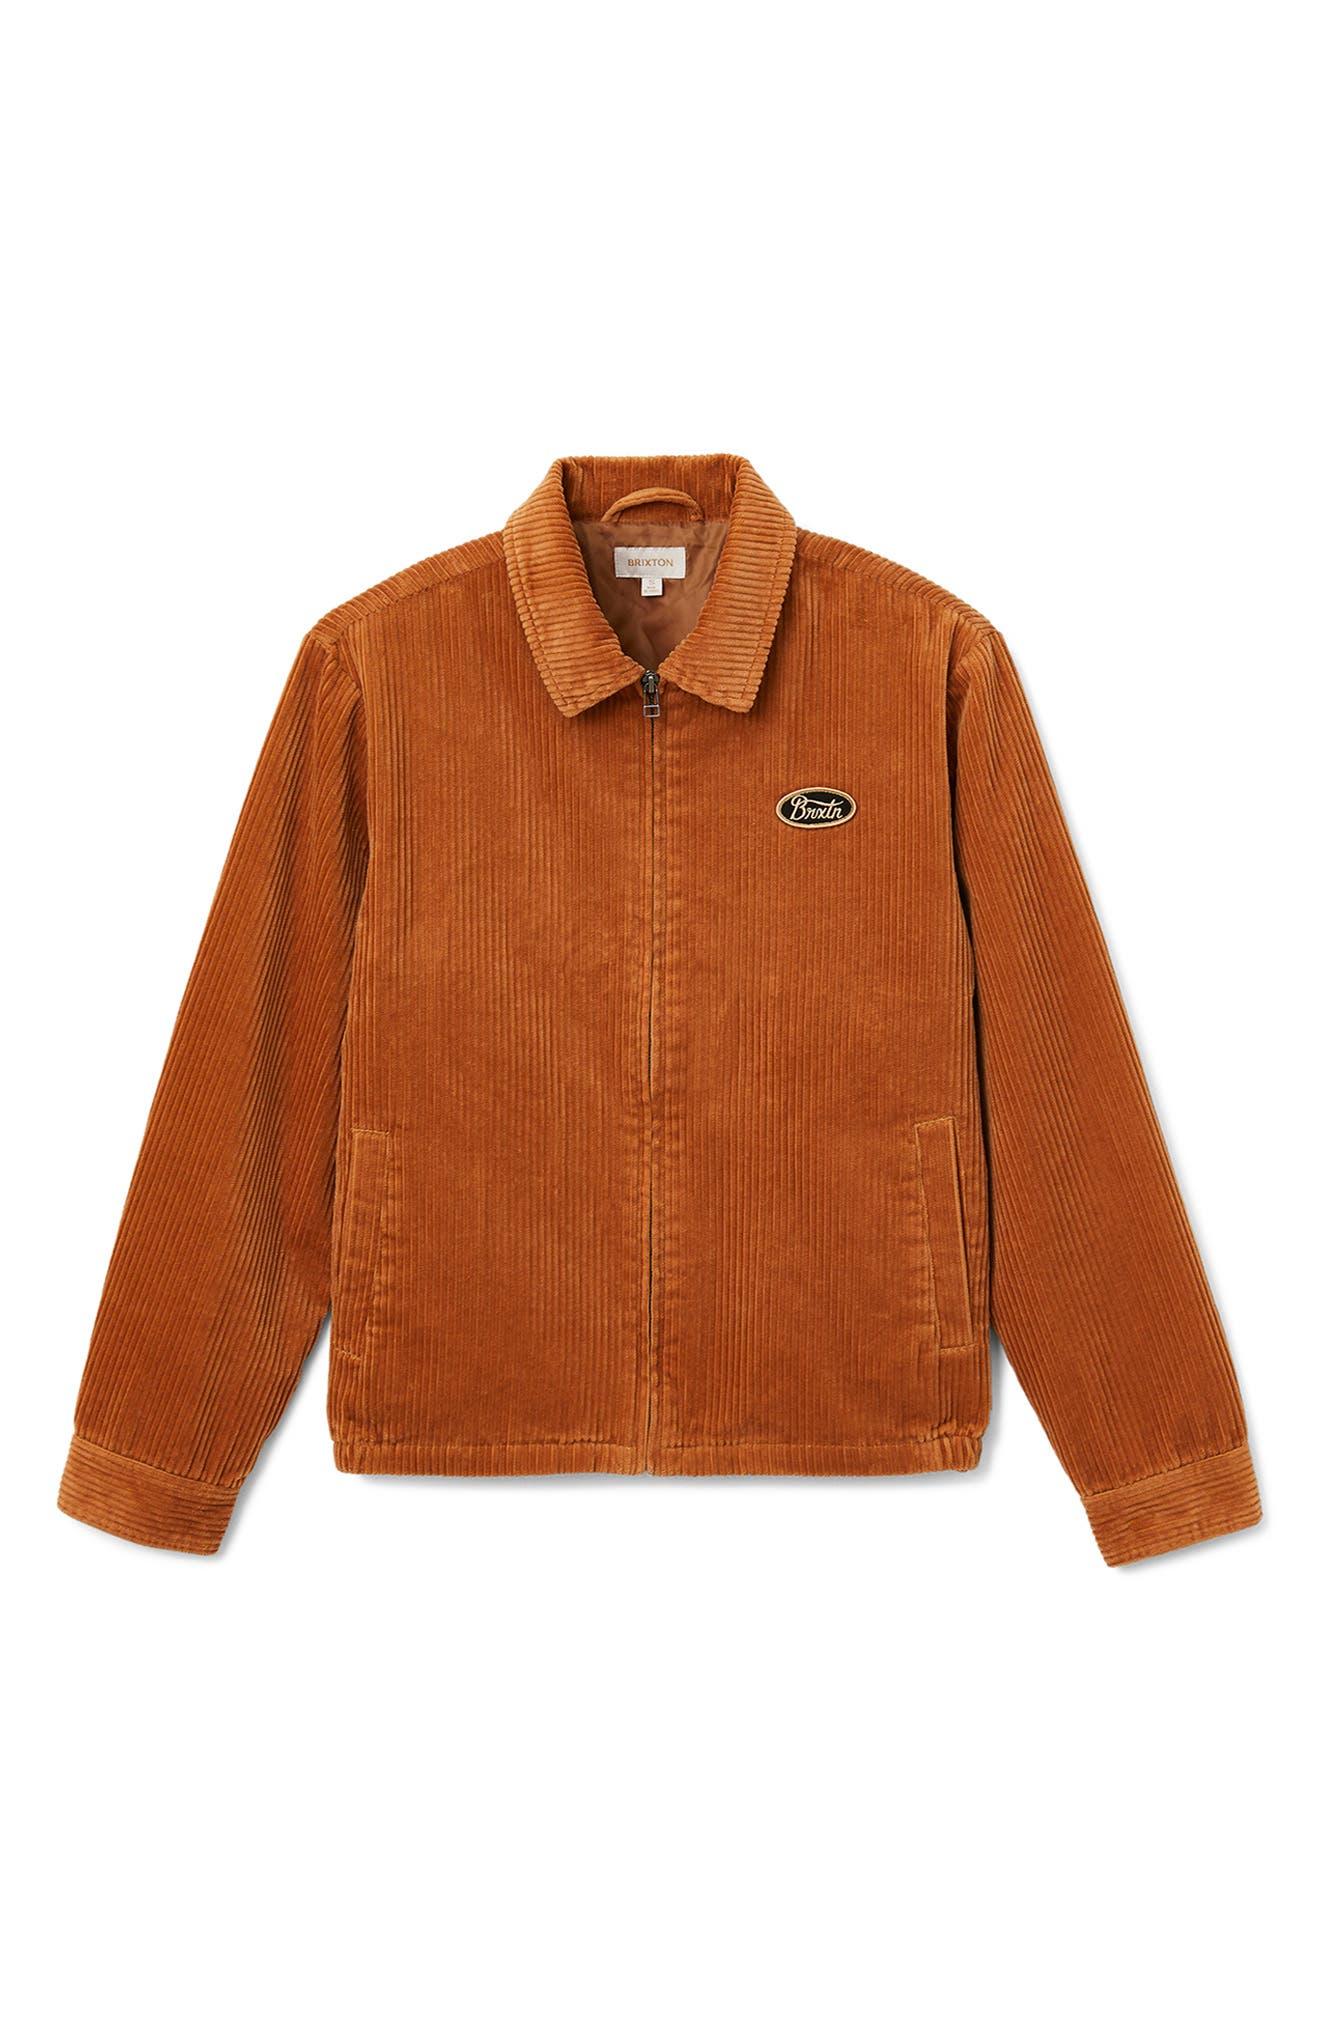 Utopia Women's Corduroy Jacket